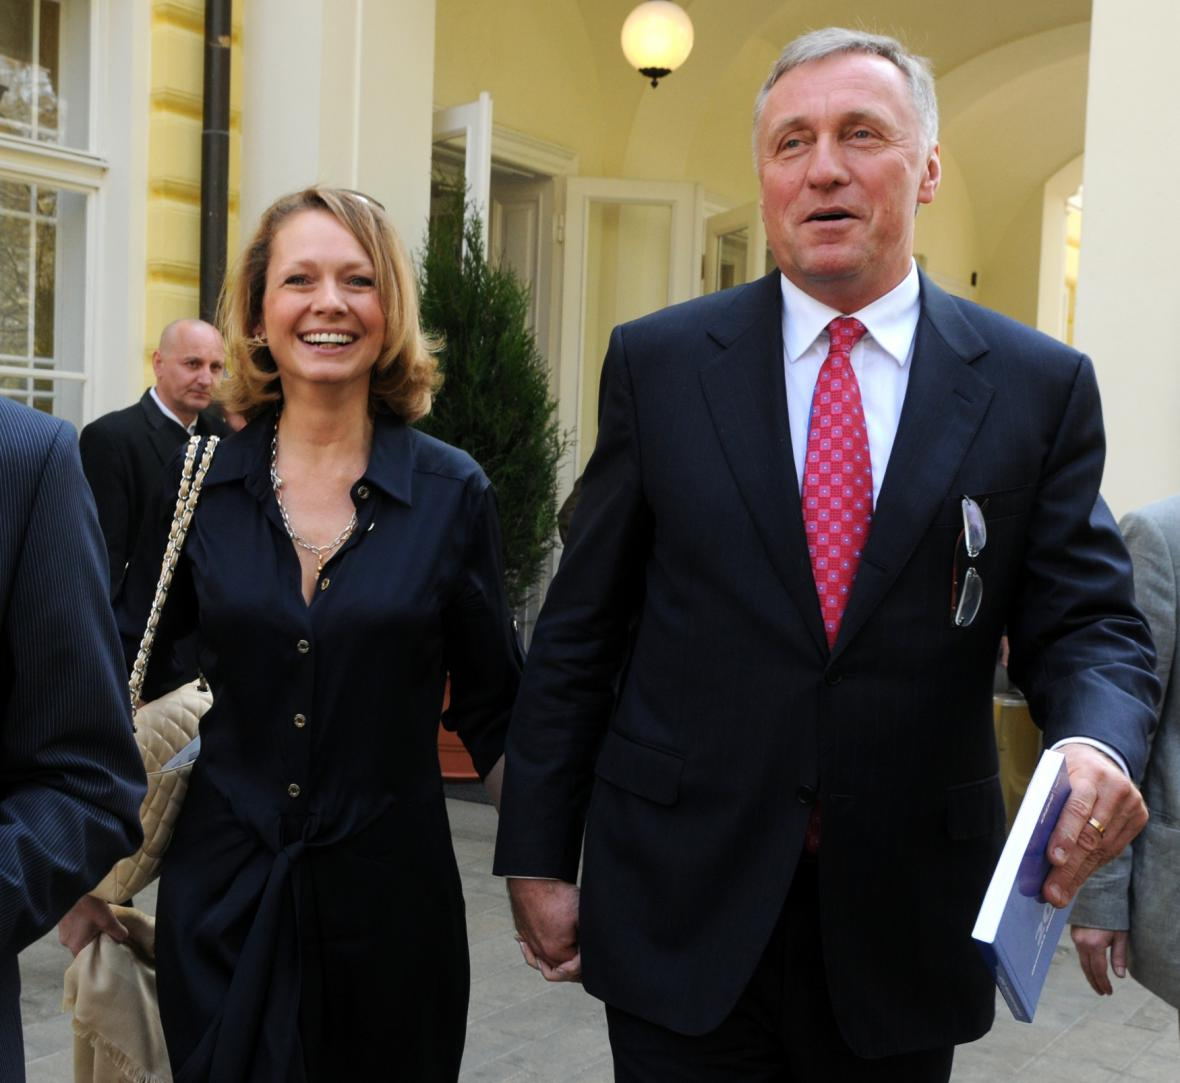 Bývalý premiér Mirek Topolánek s novou manželkou Lucií Talmanovou